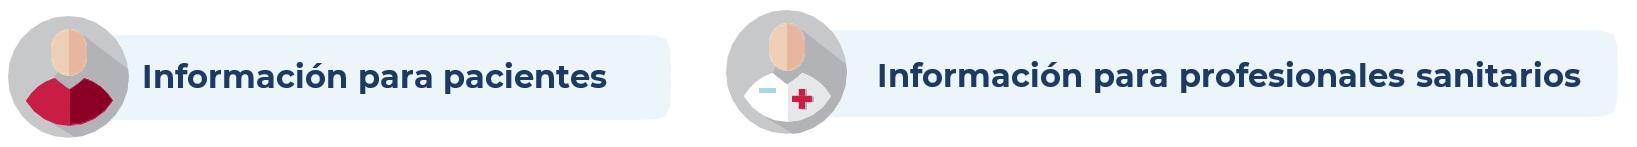 Información para pacientes y personal sanitario.